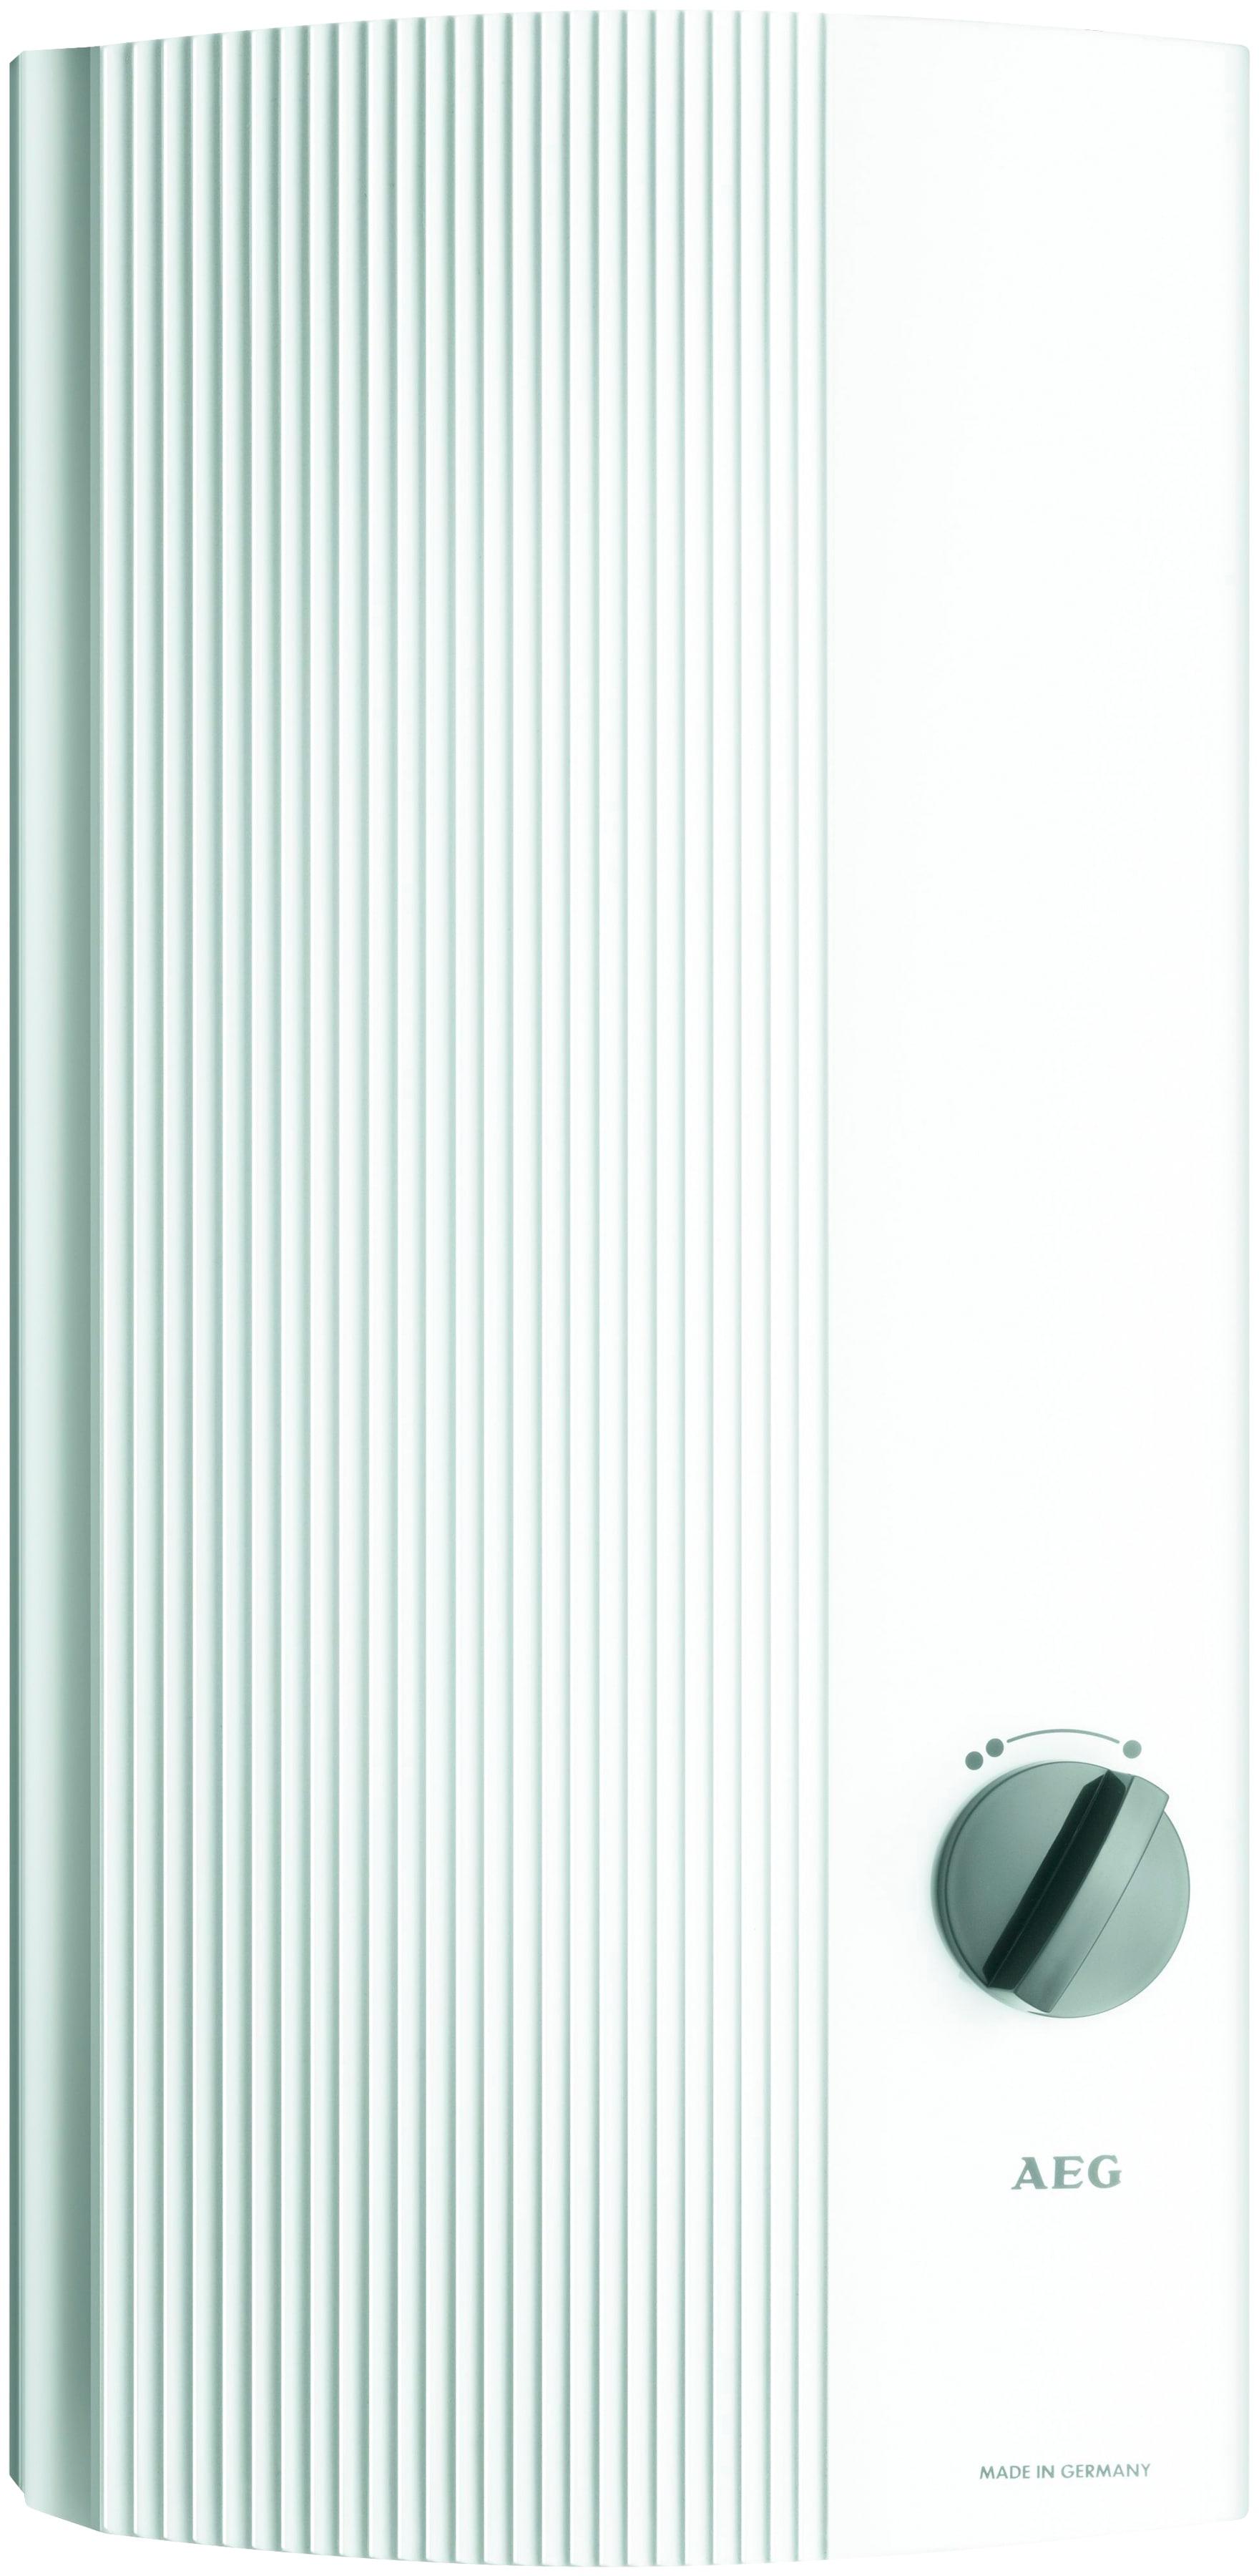 AEG Durchlauferhitzer »DDL PinControl 18« | Baumarkt > Heizung und Klima > Durchlauferhitzer | Weiß | AEG